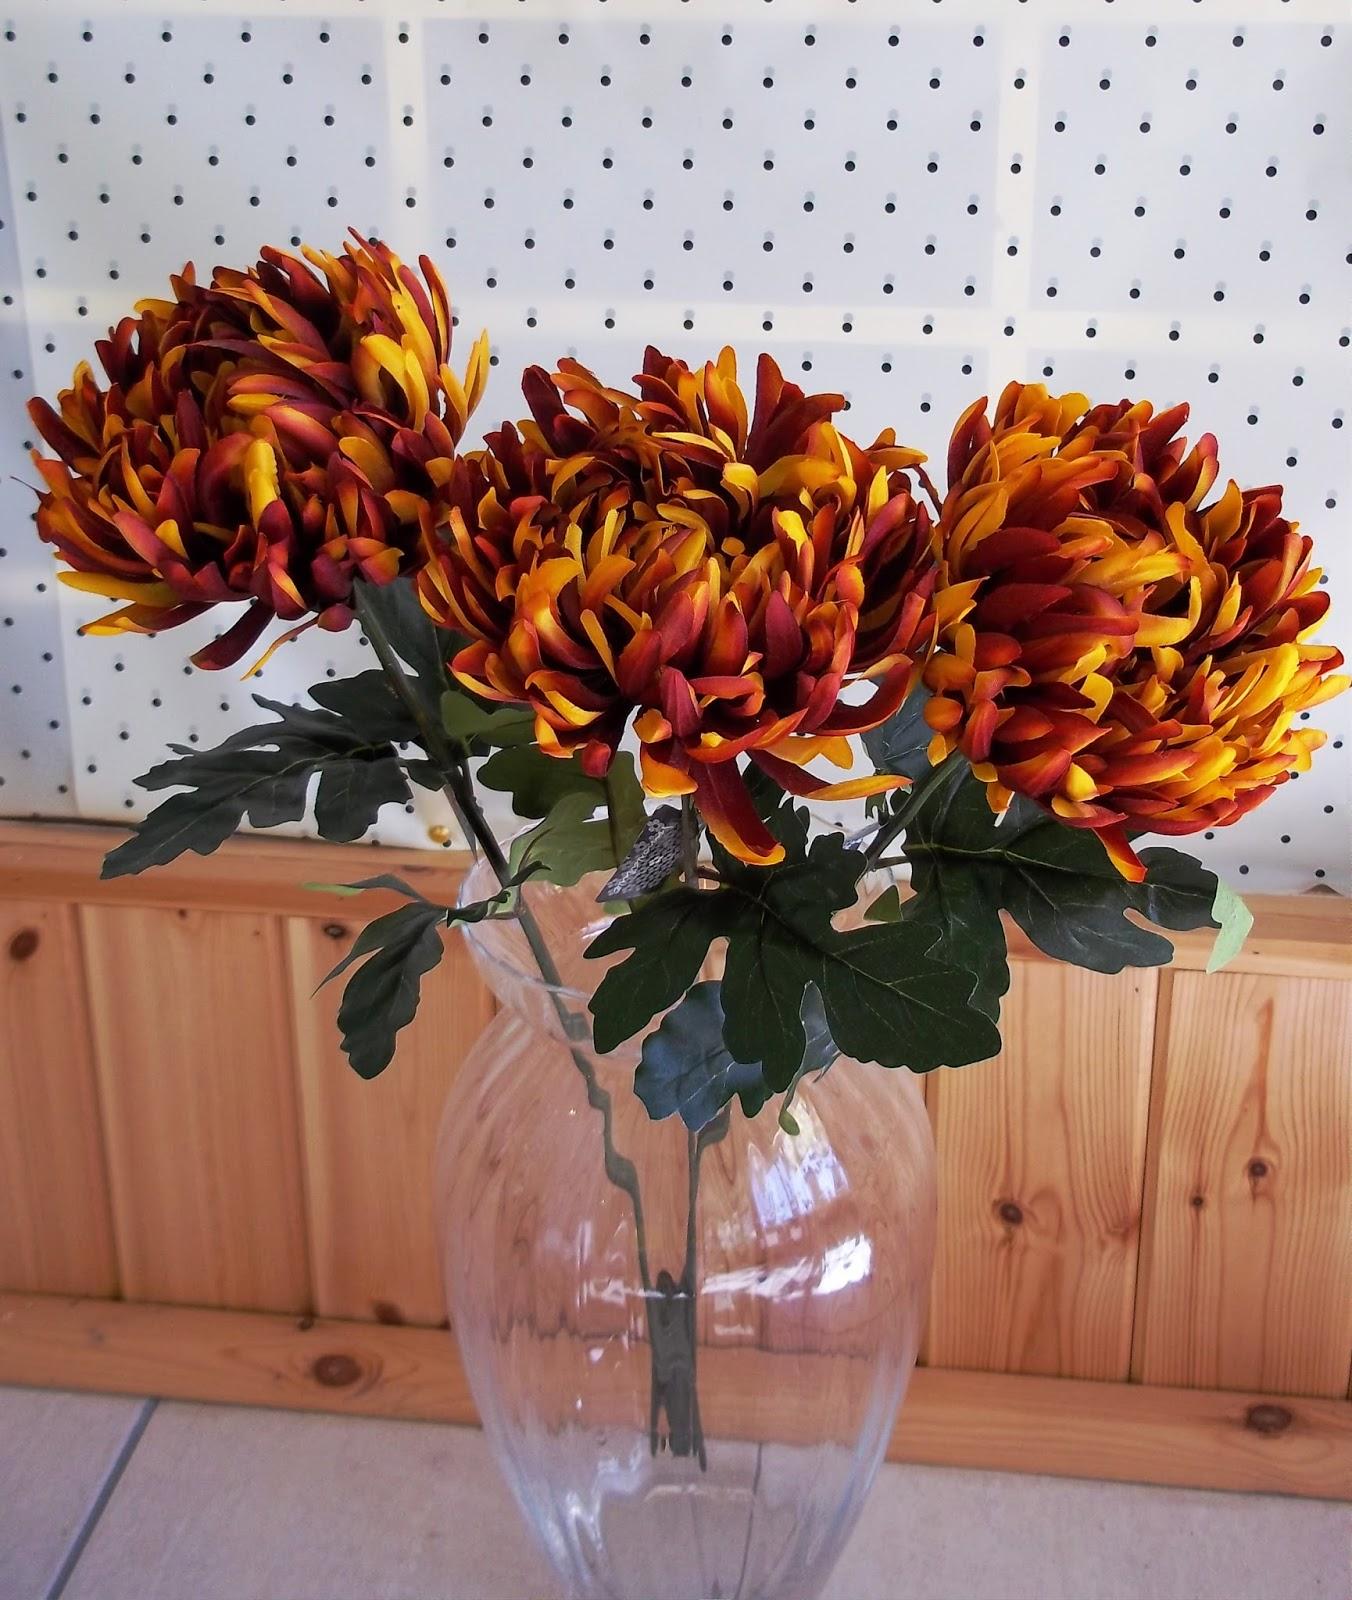 Snapdragons Florist Burgh Le Marsh Lincolnshire Autumn Has